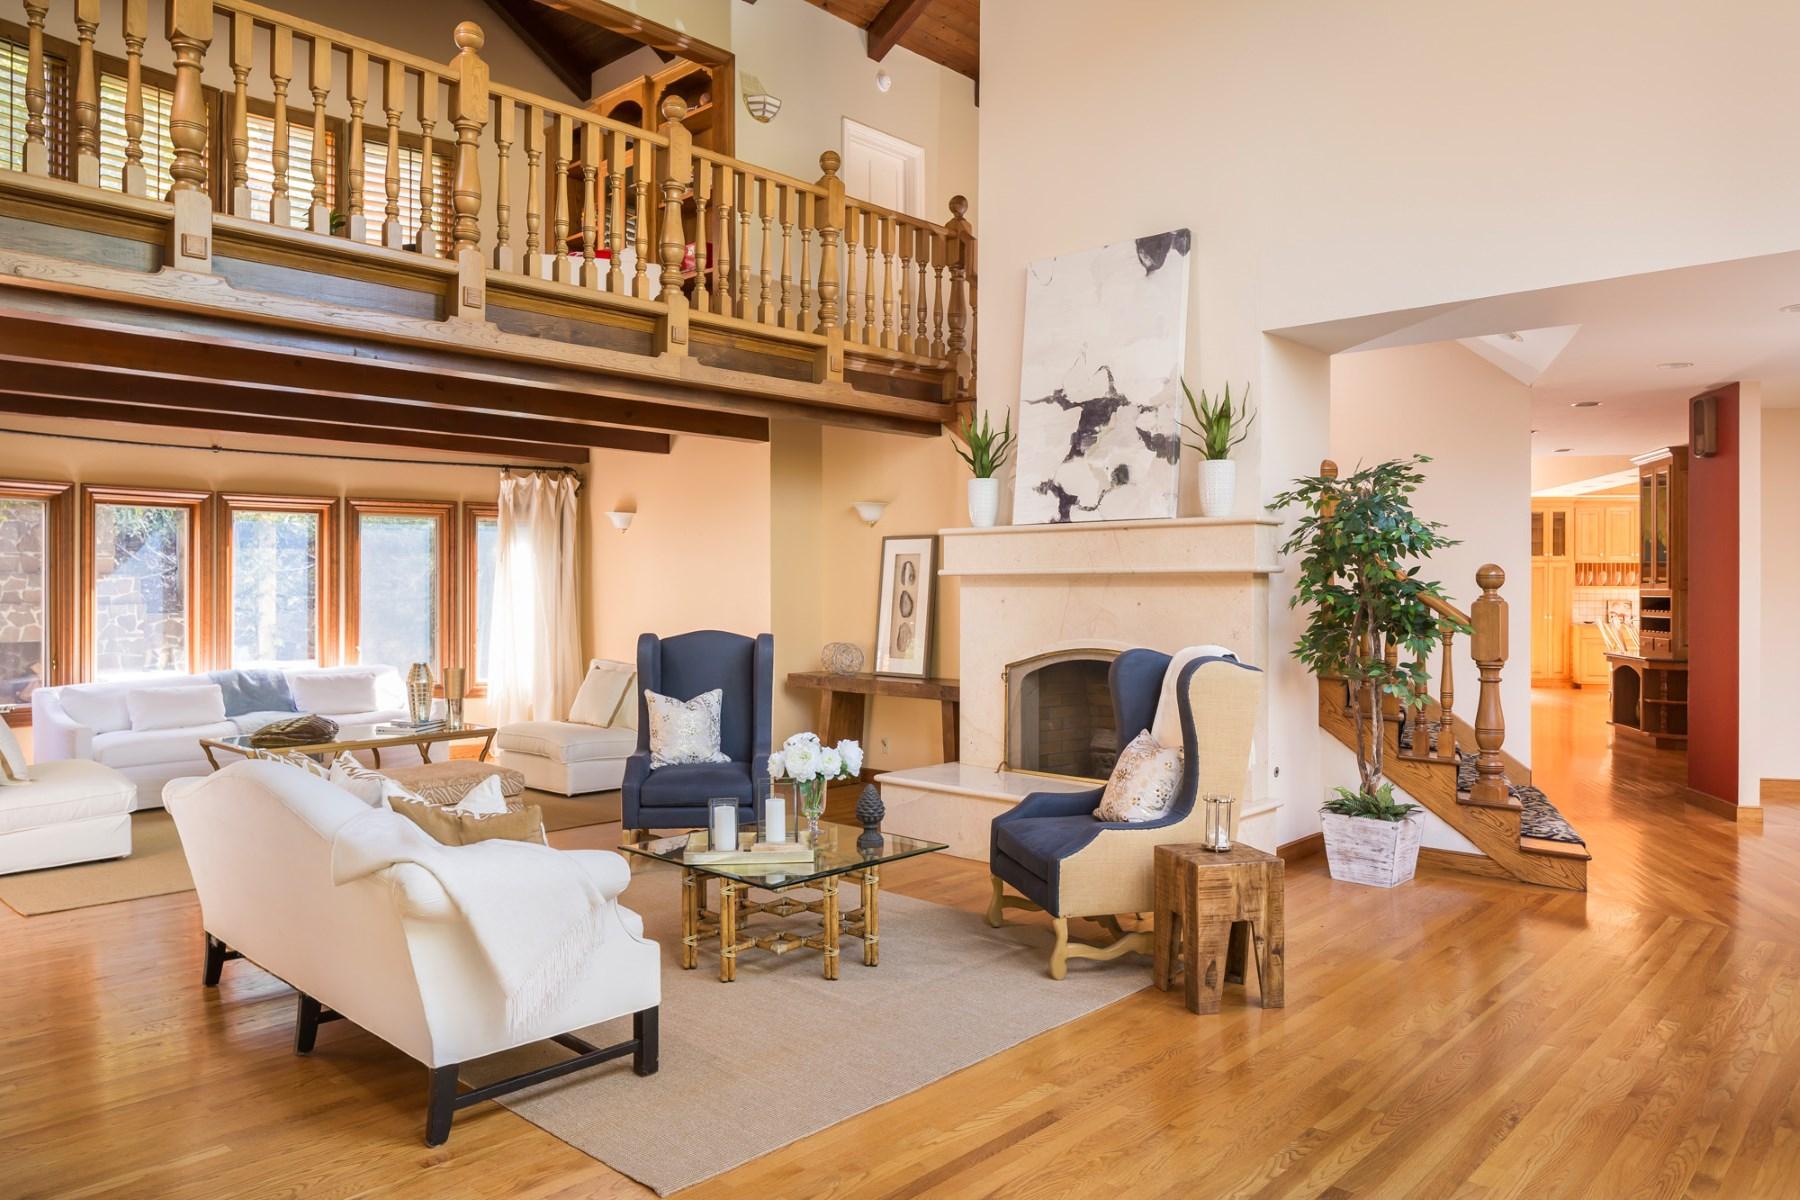 一戸建て のために 売買 アット Gracious Verissimo Valle Estate 75 Verissimo Dr Novato, カリフォルニア, 94947 アメリカ合衆国